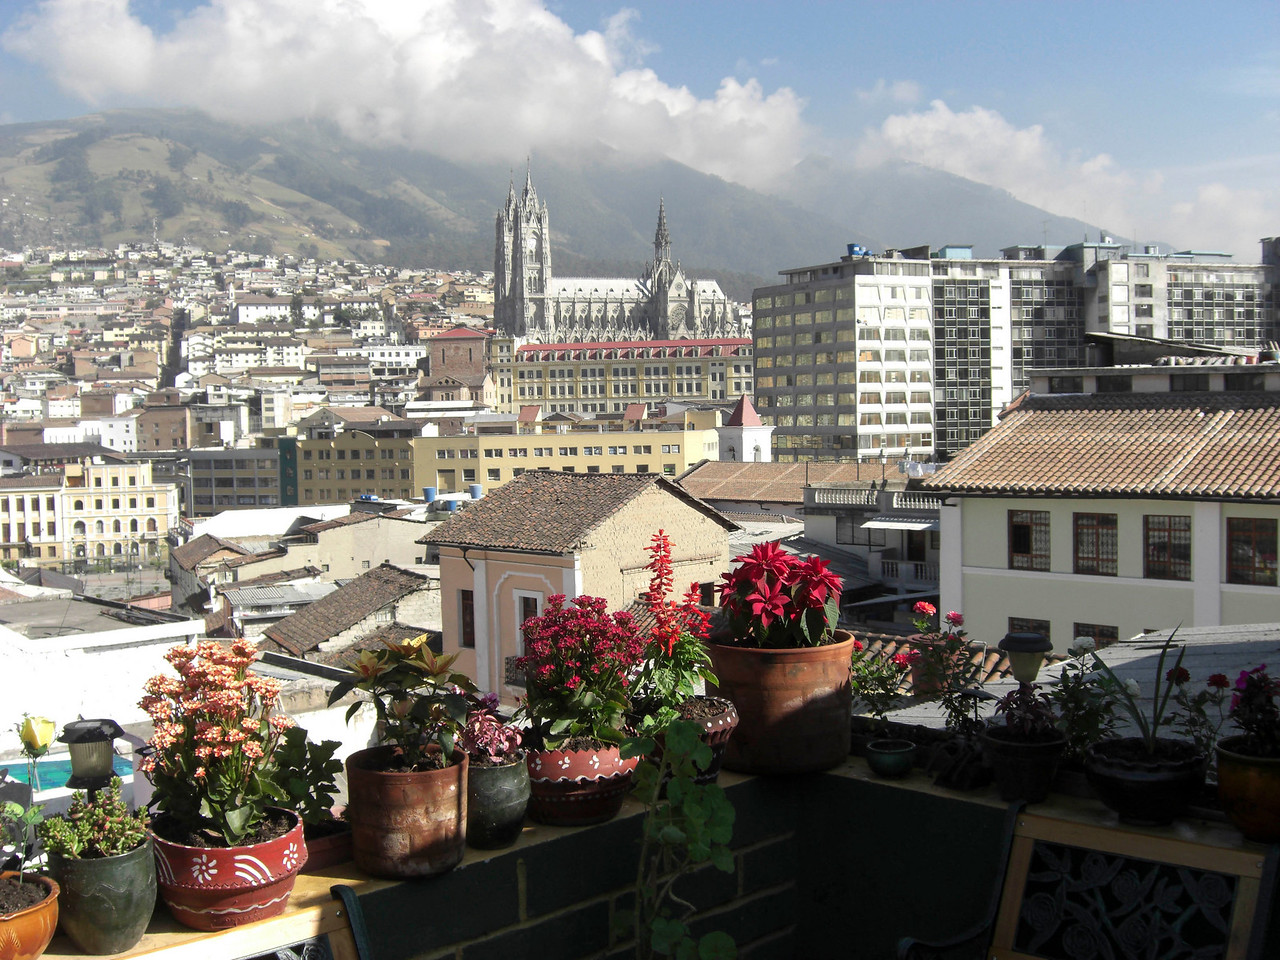 View from Secret Garden's rooftop